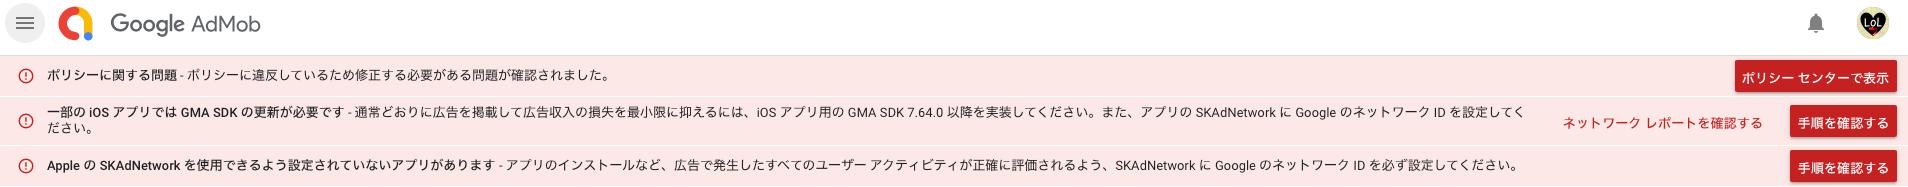 スクリーンショット 2021-03-10 22.50.59.png